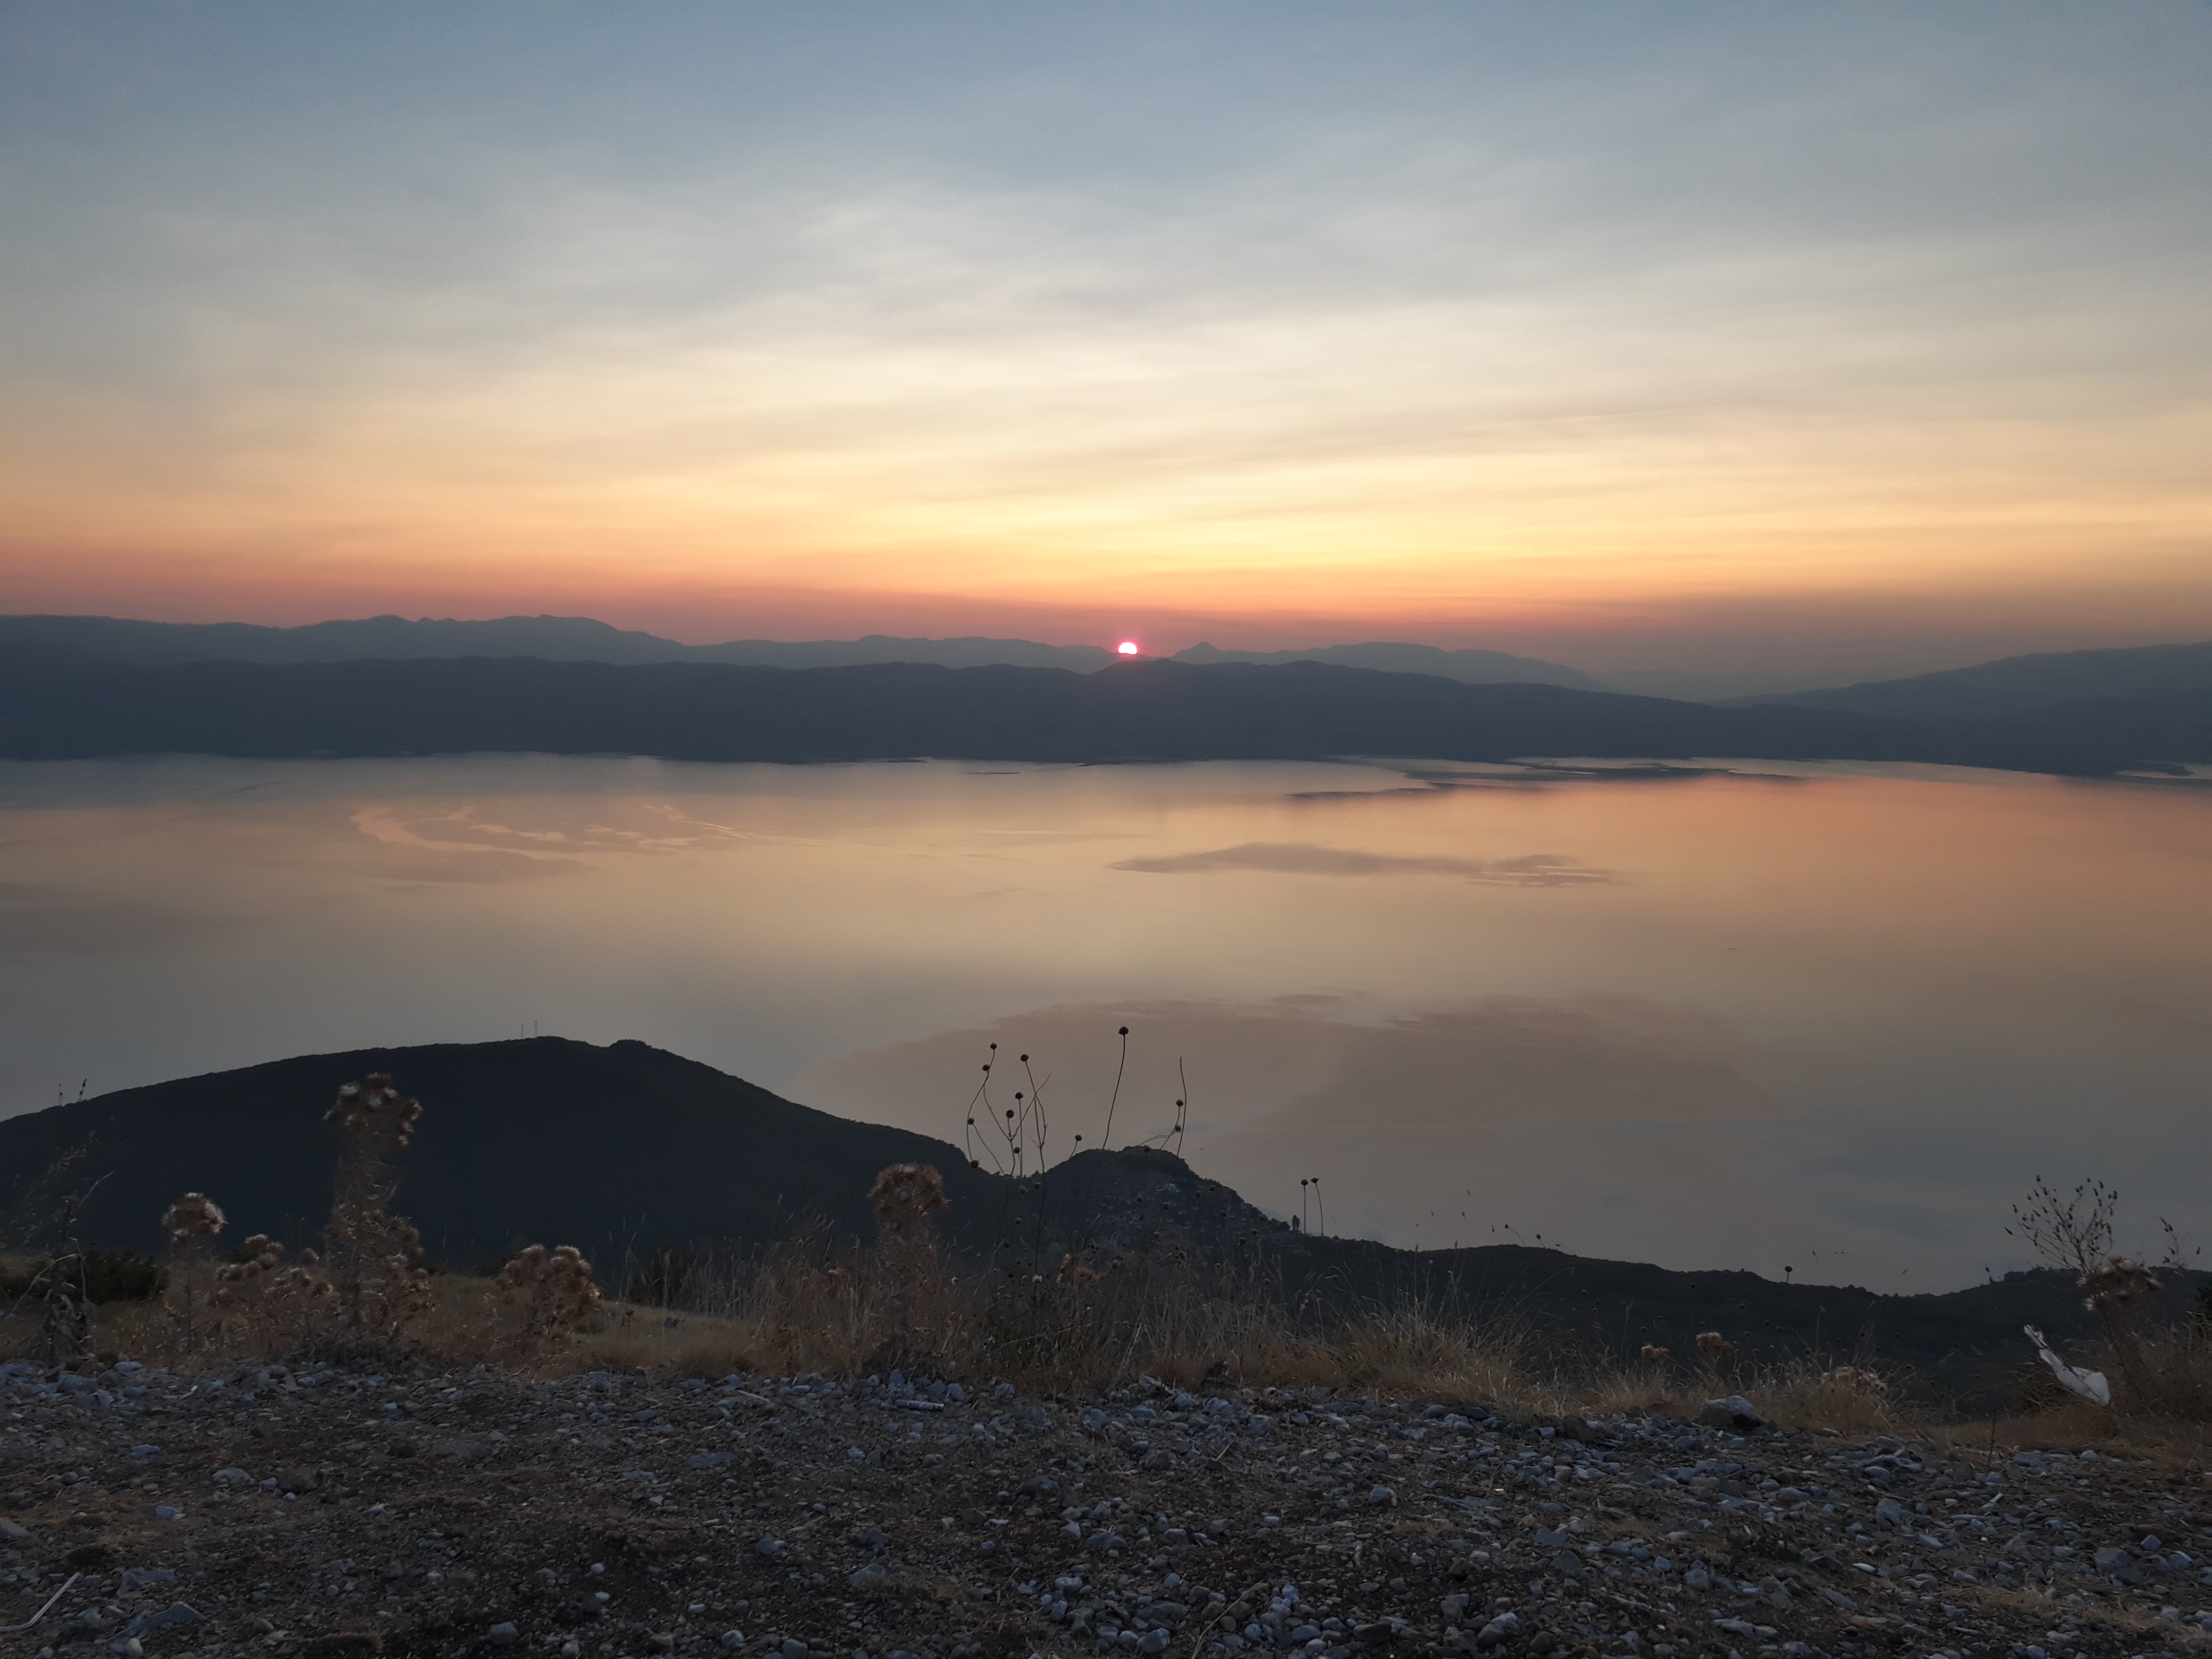 Lefele érdemes úgy időzíteni, hogy lássuk a naplementét, mert egyszerűen gyönyörű a tó felett.